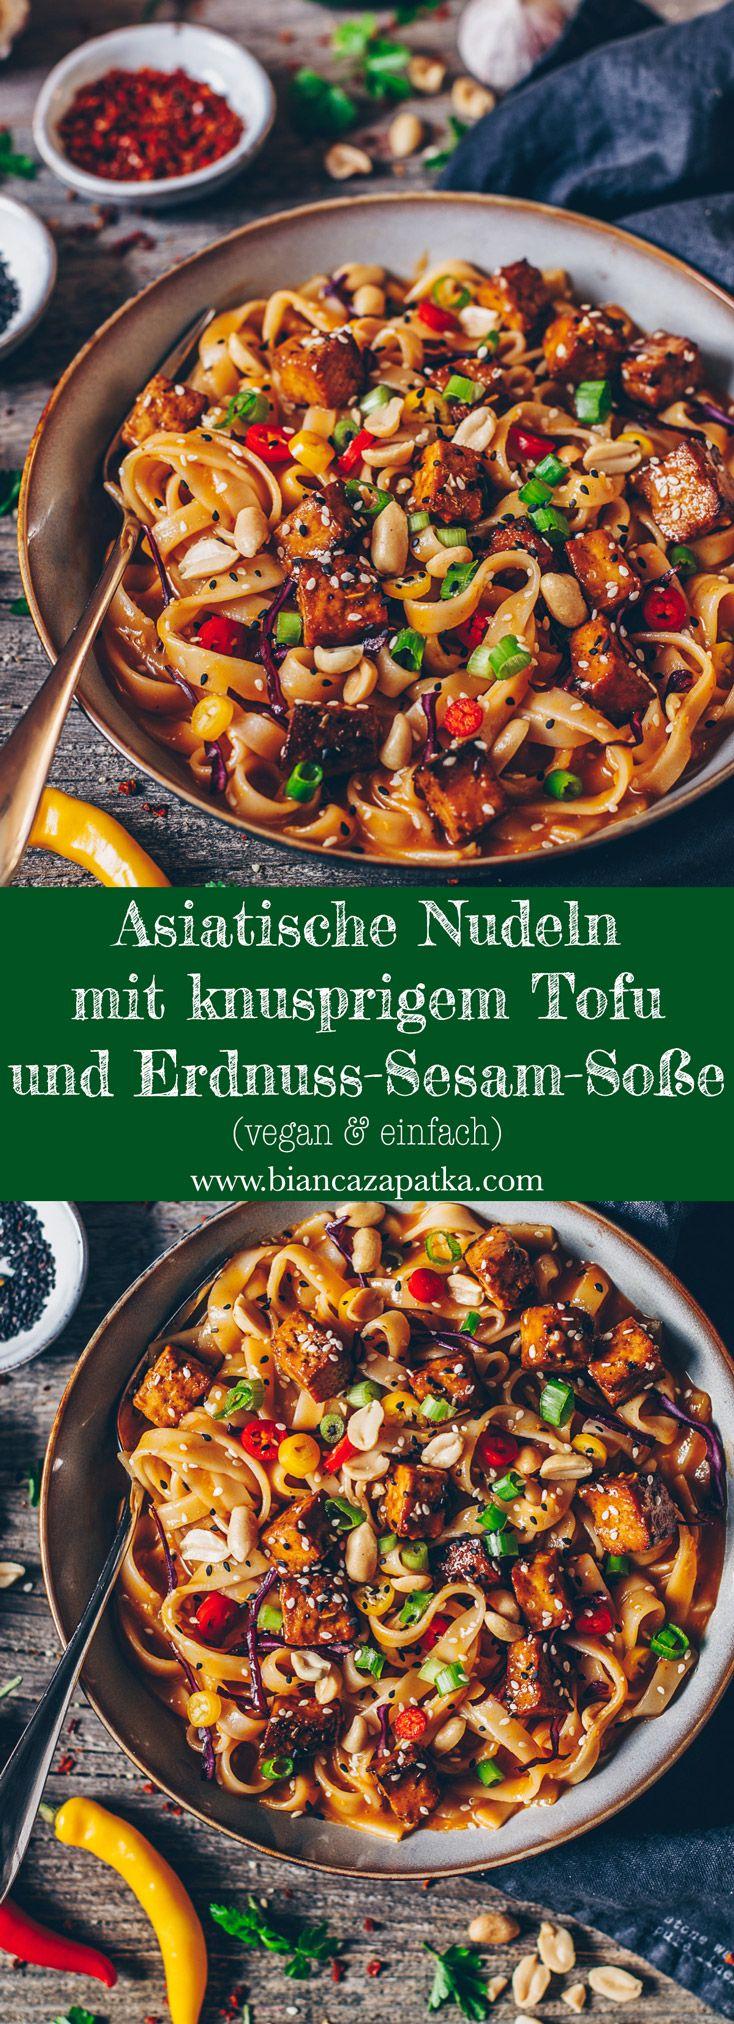 Asiatische Nudeln mit knusprigem Tofu und Chili- Erdnuss- Sesamsoße